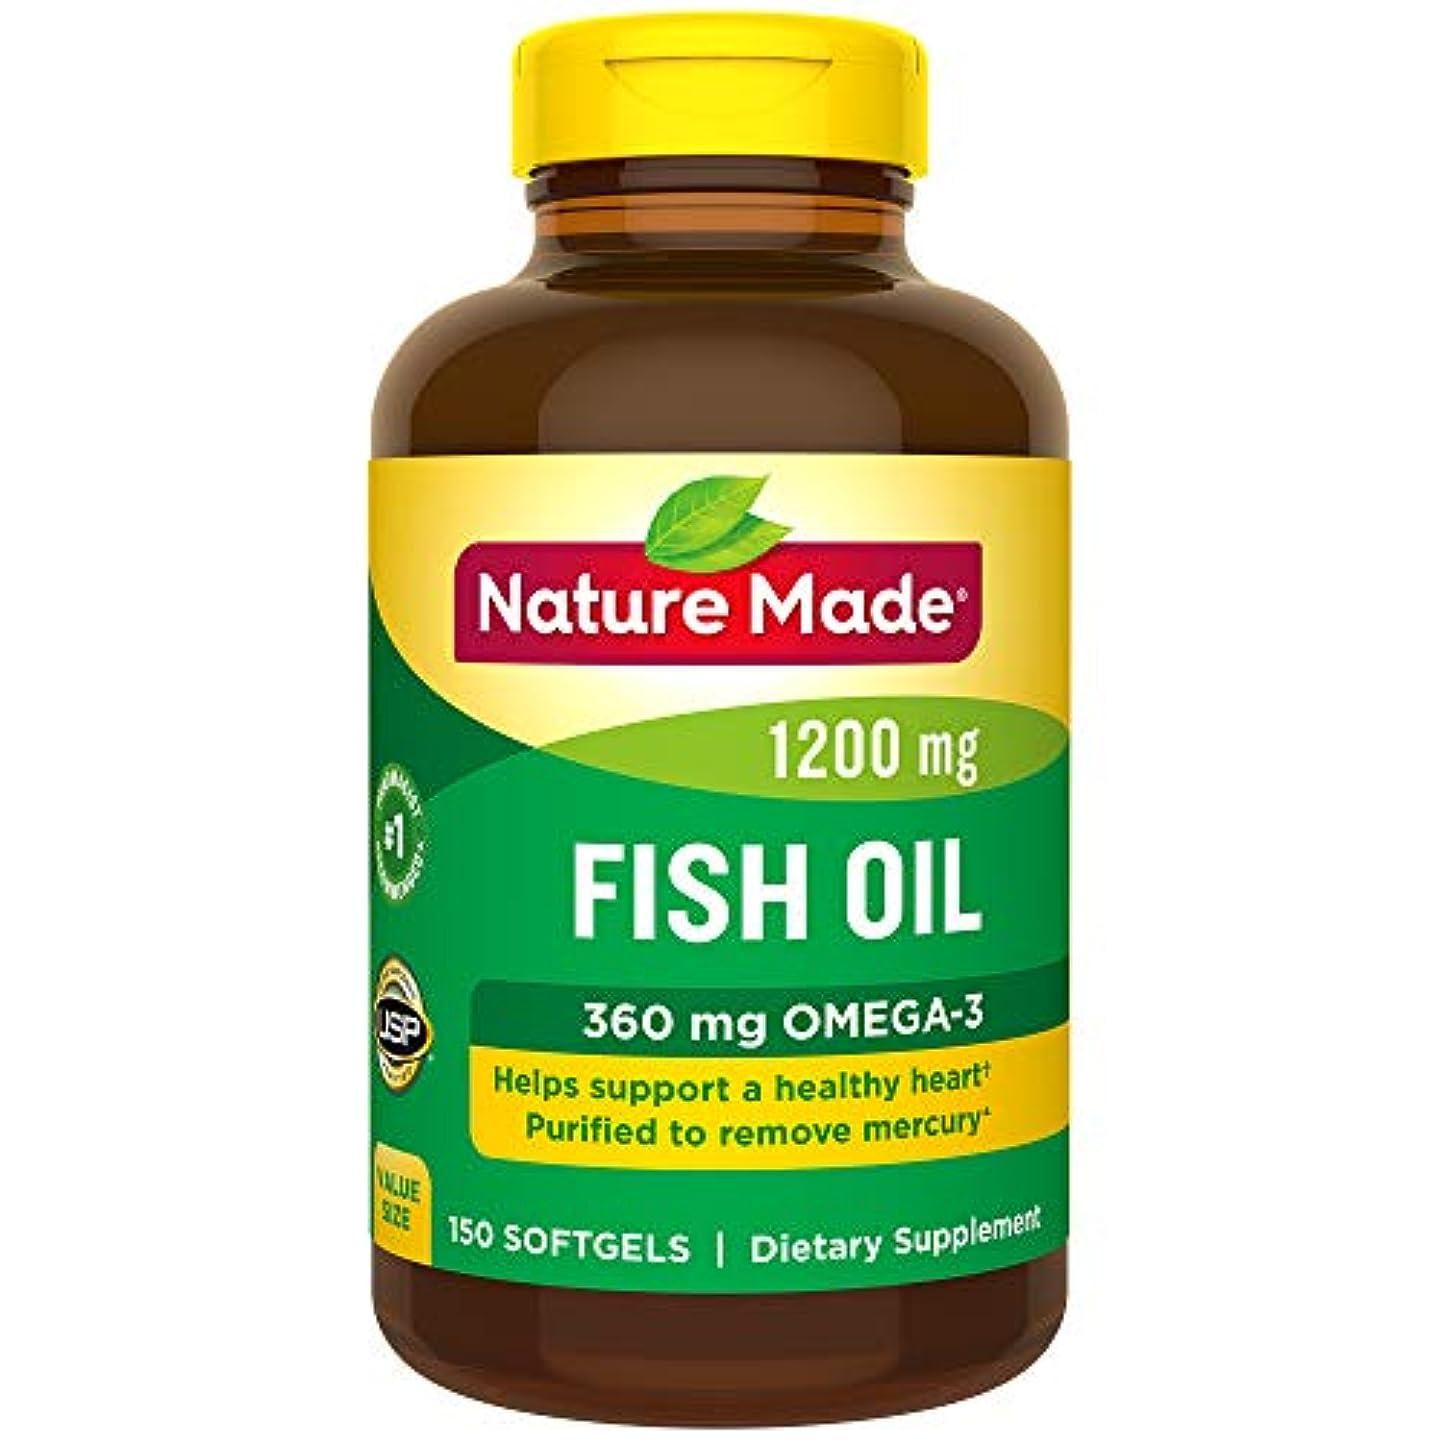 ネイチャーメイド Nature Made フィッシュオイル オメガ3 サプリメント ソフトジェル 150粒 [並行輸入]